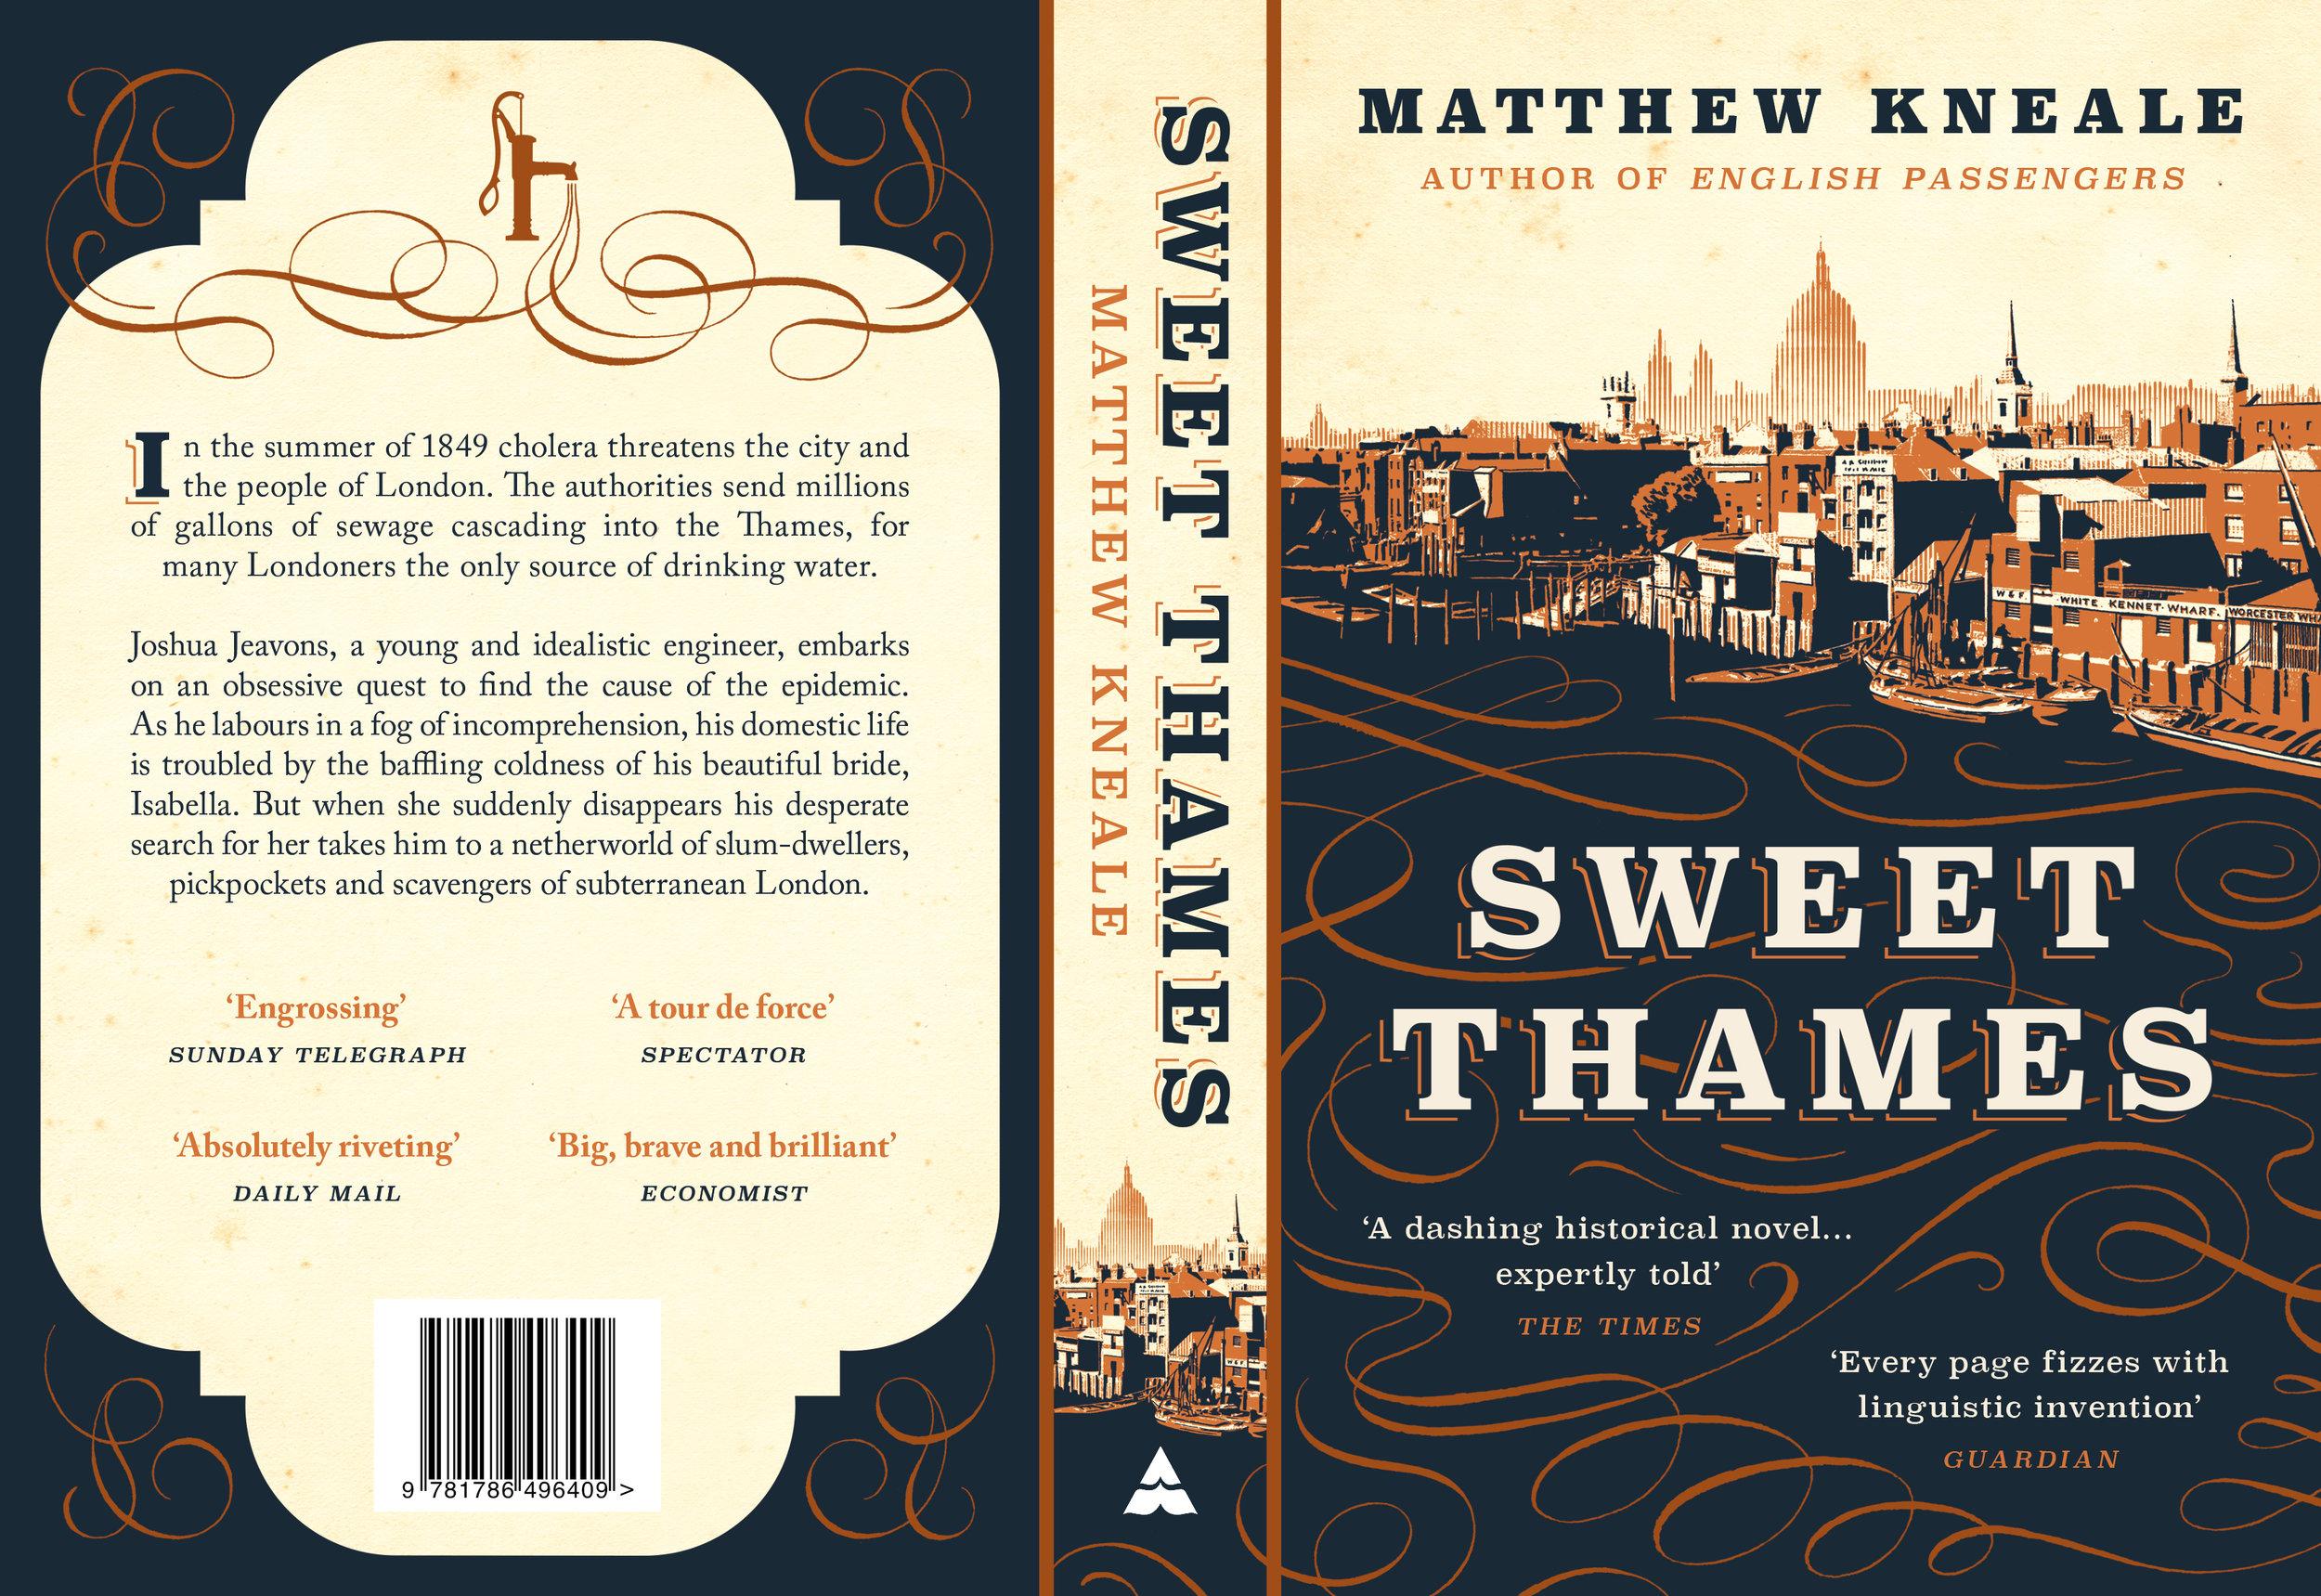 Sweet Thames cover full.jpg